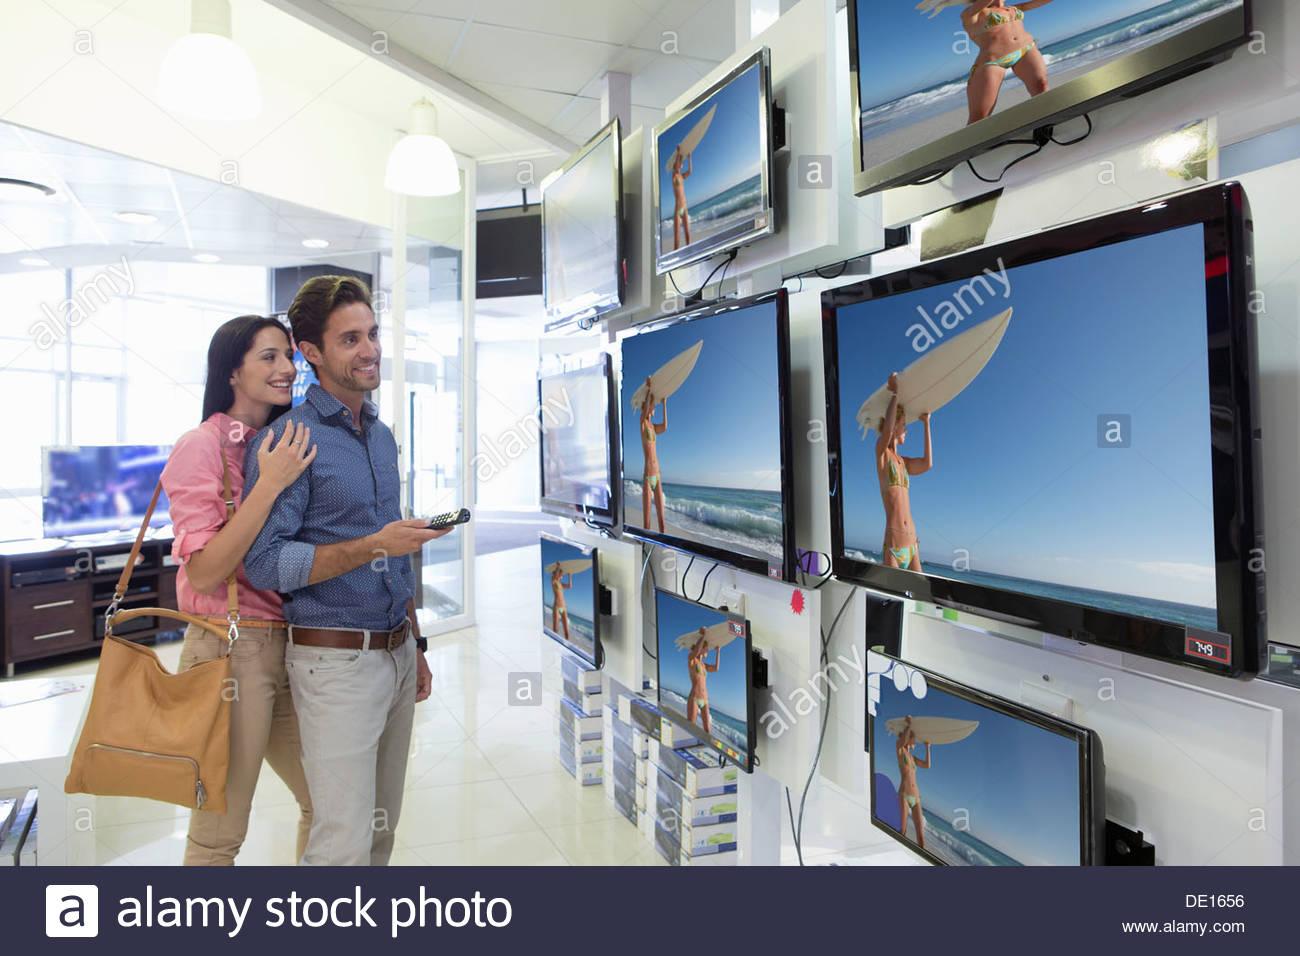 Smiling couple looking at surfeur sur la télévision à écran plat dans votre magasin d'électronique Photo Stock